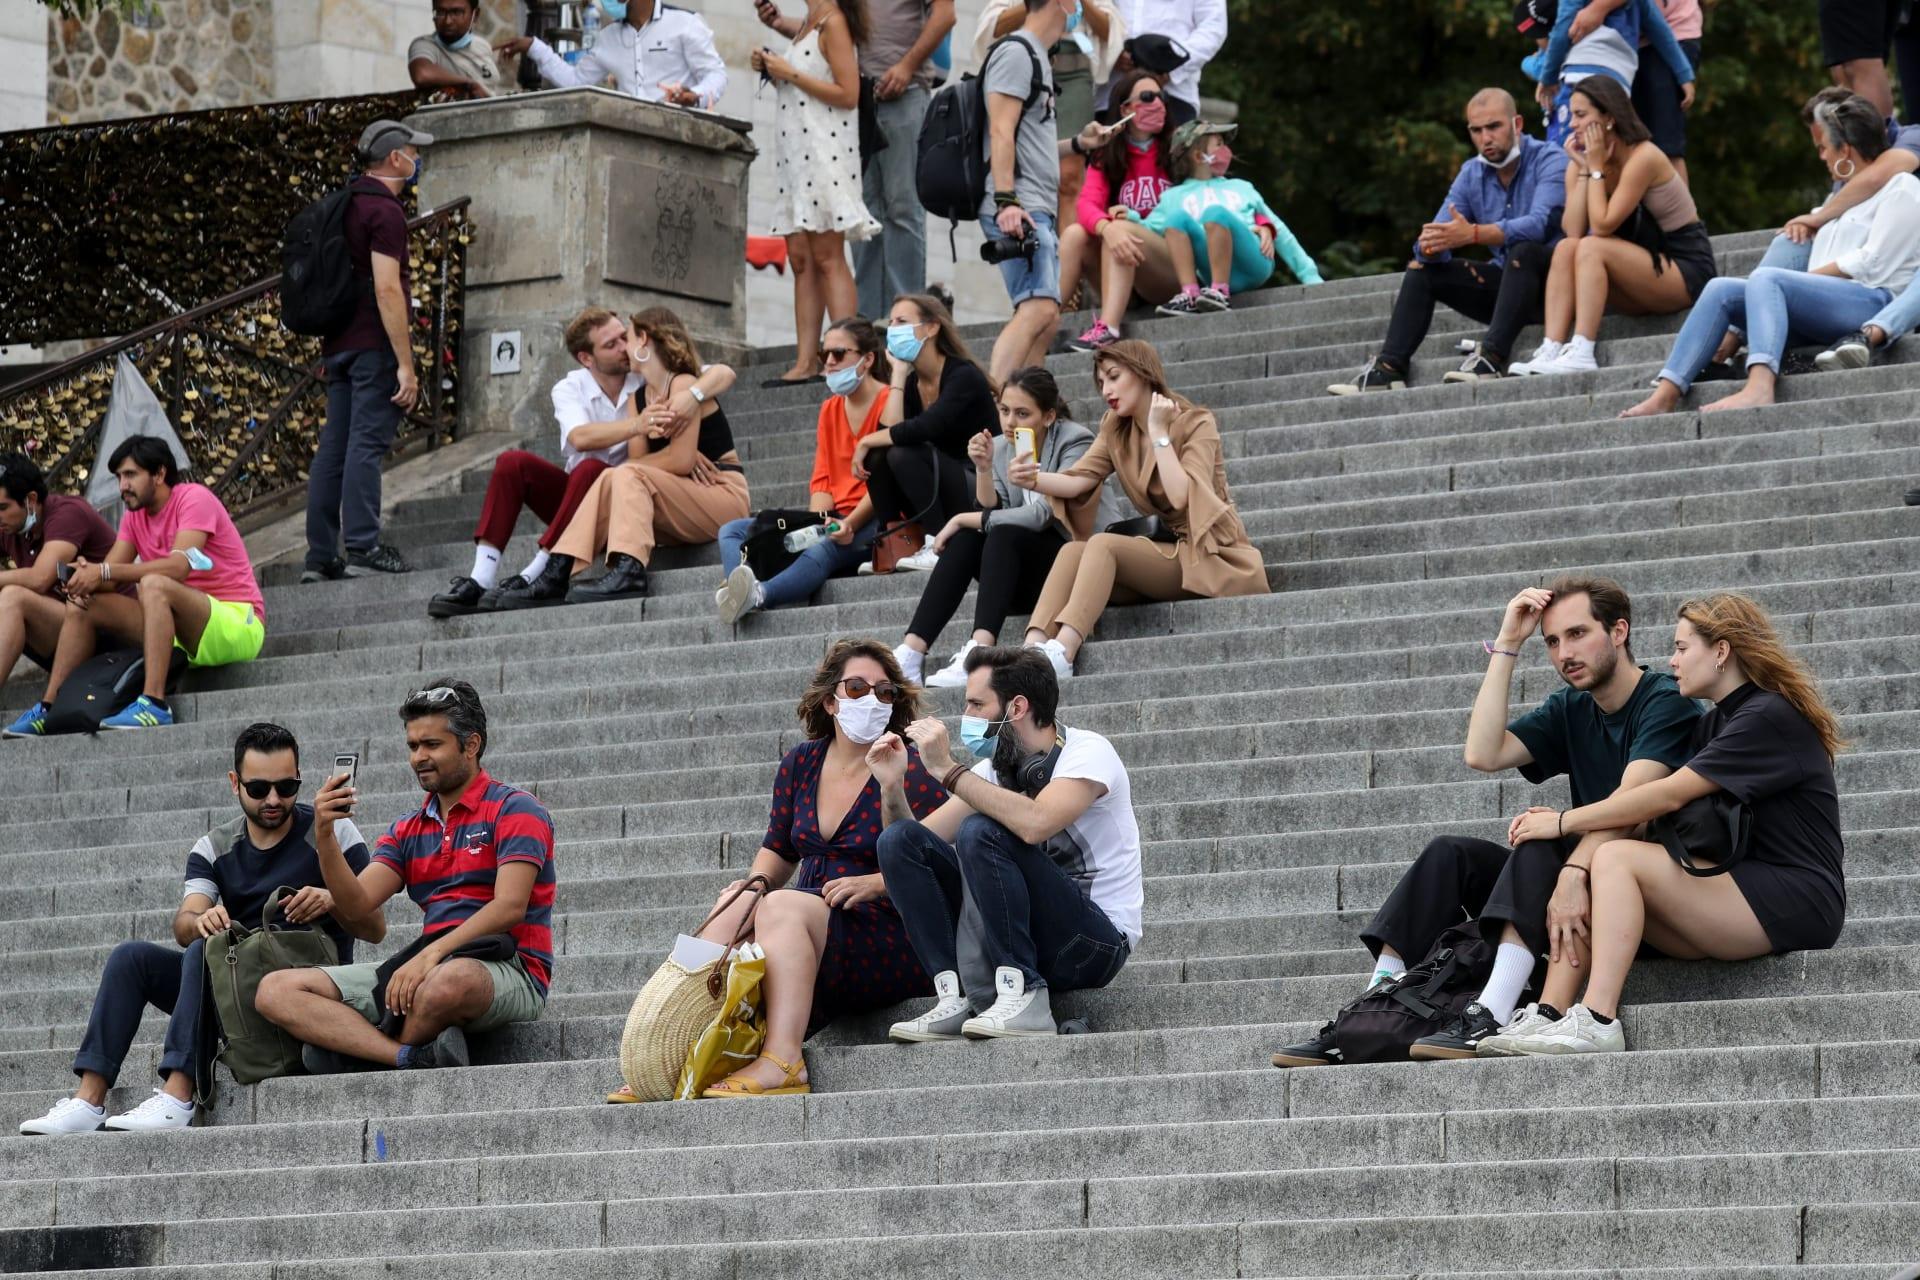 """كورونا في أوروبا.. مؤشرات تدق ناقوس الخطر من جديد لفترة قادمة """"أكثر صعوبة"""""""